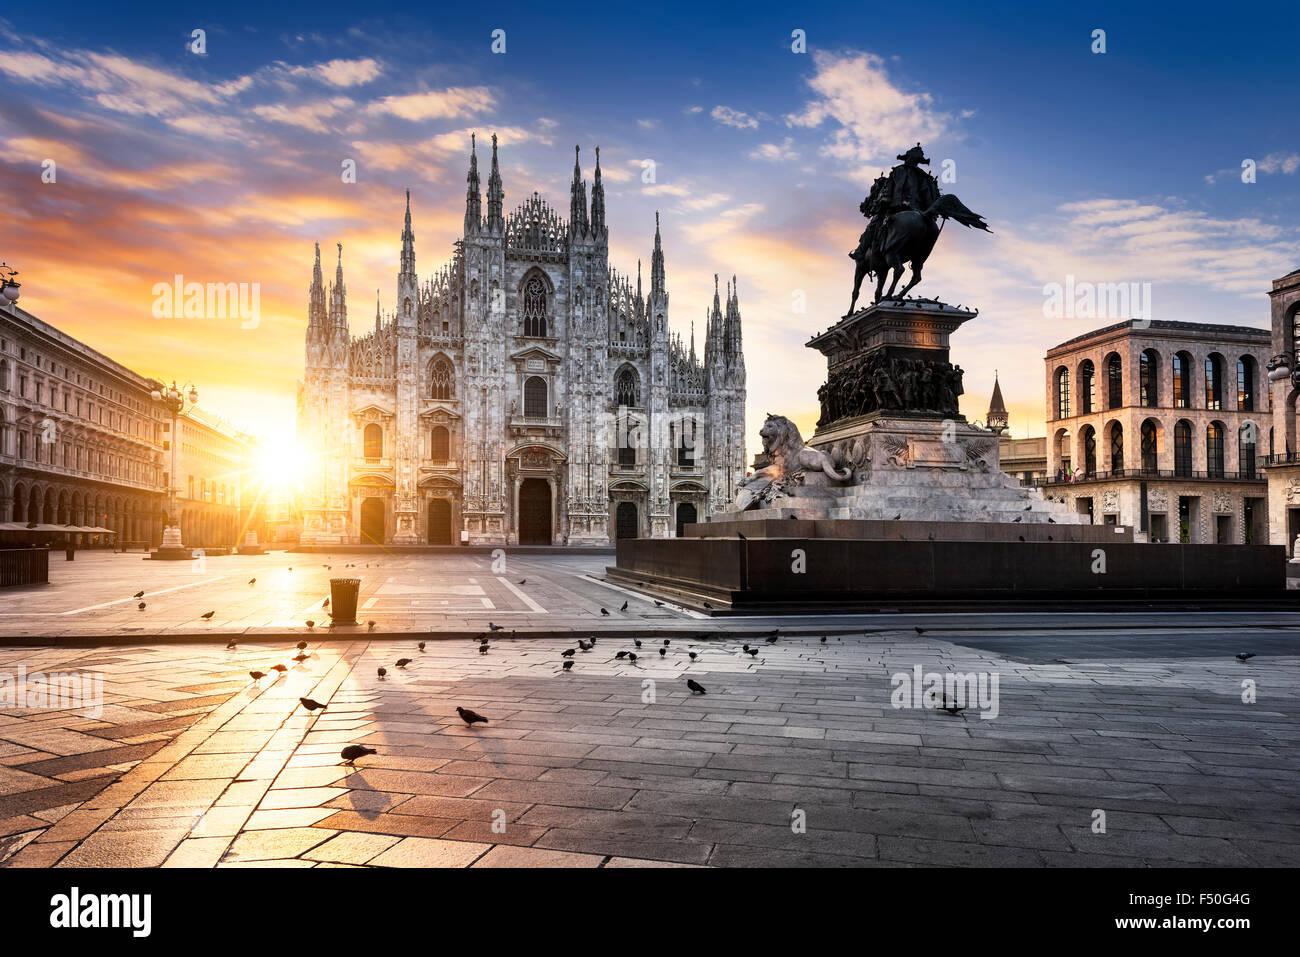 Duomo de Milan, au lever du soleil, l'Europe. Photo Stock